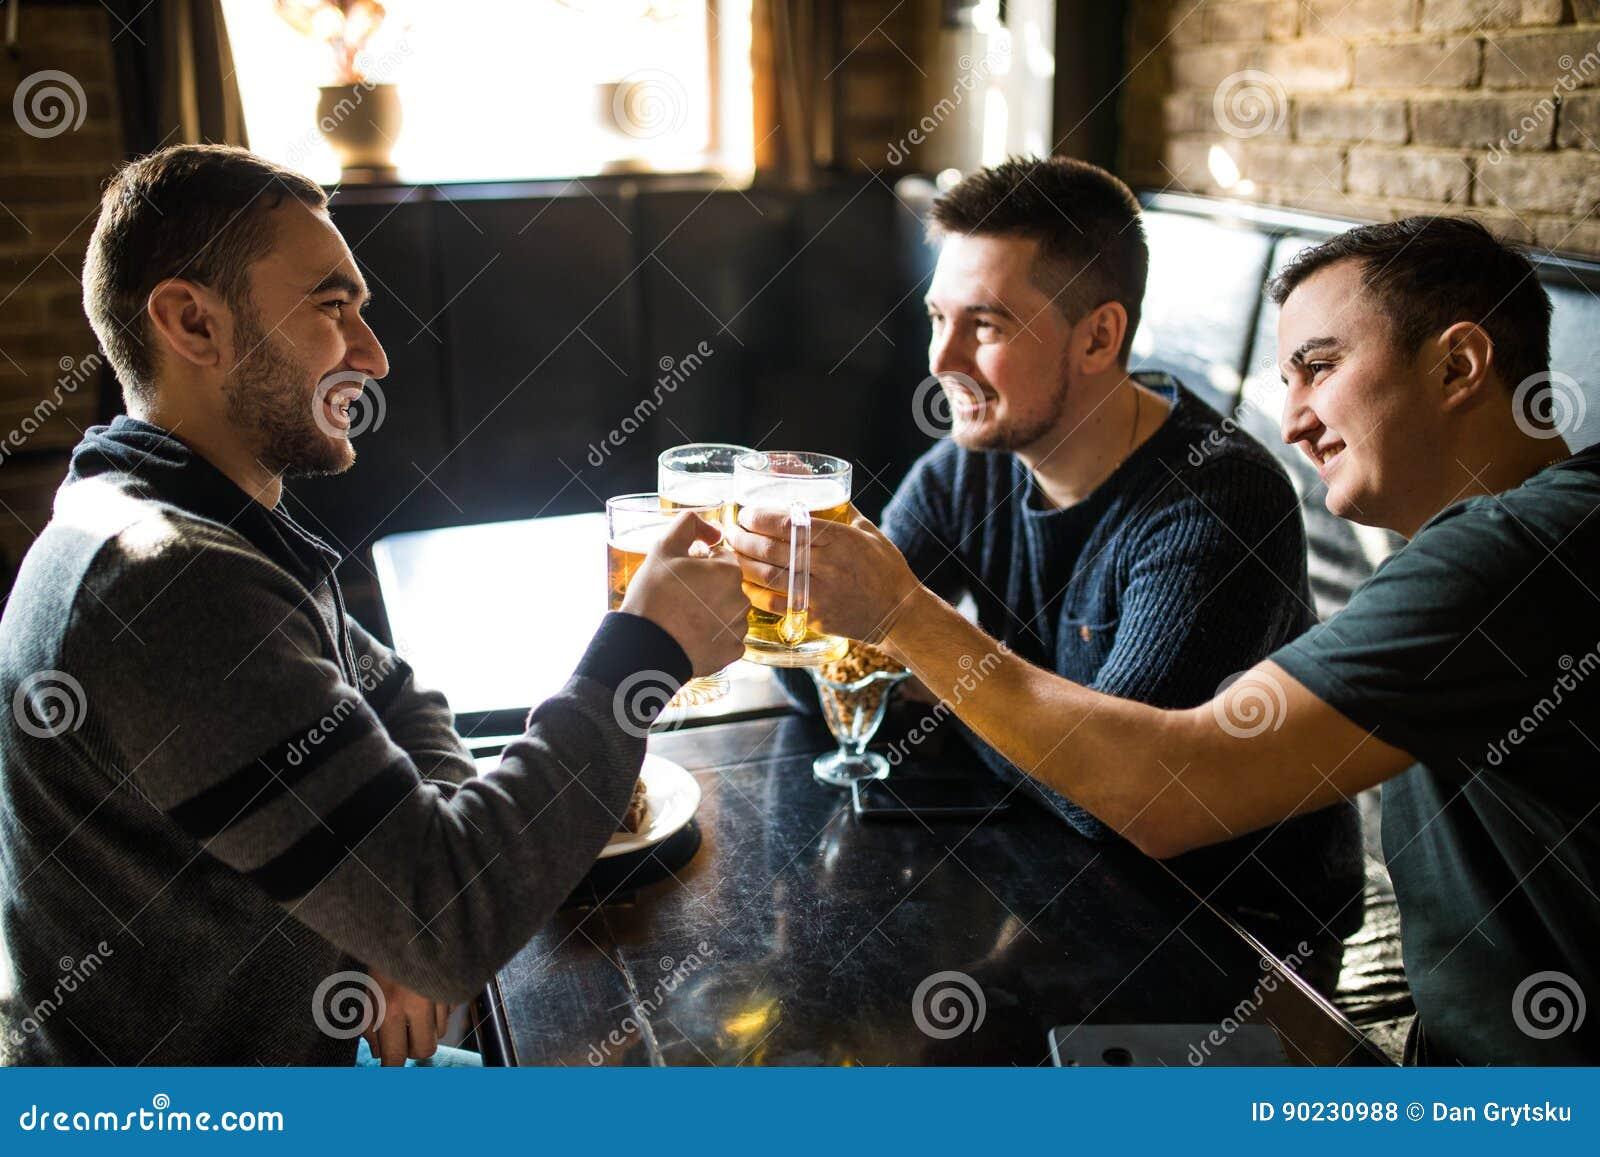 Meeting men at bars